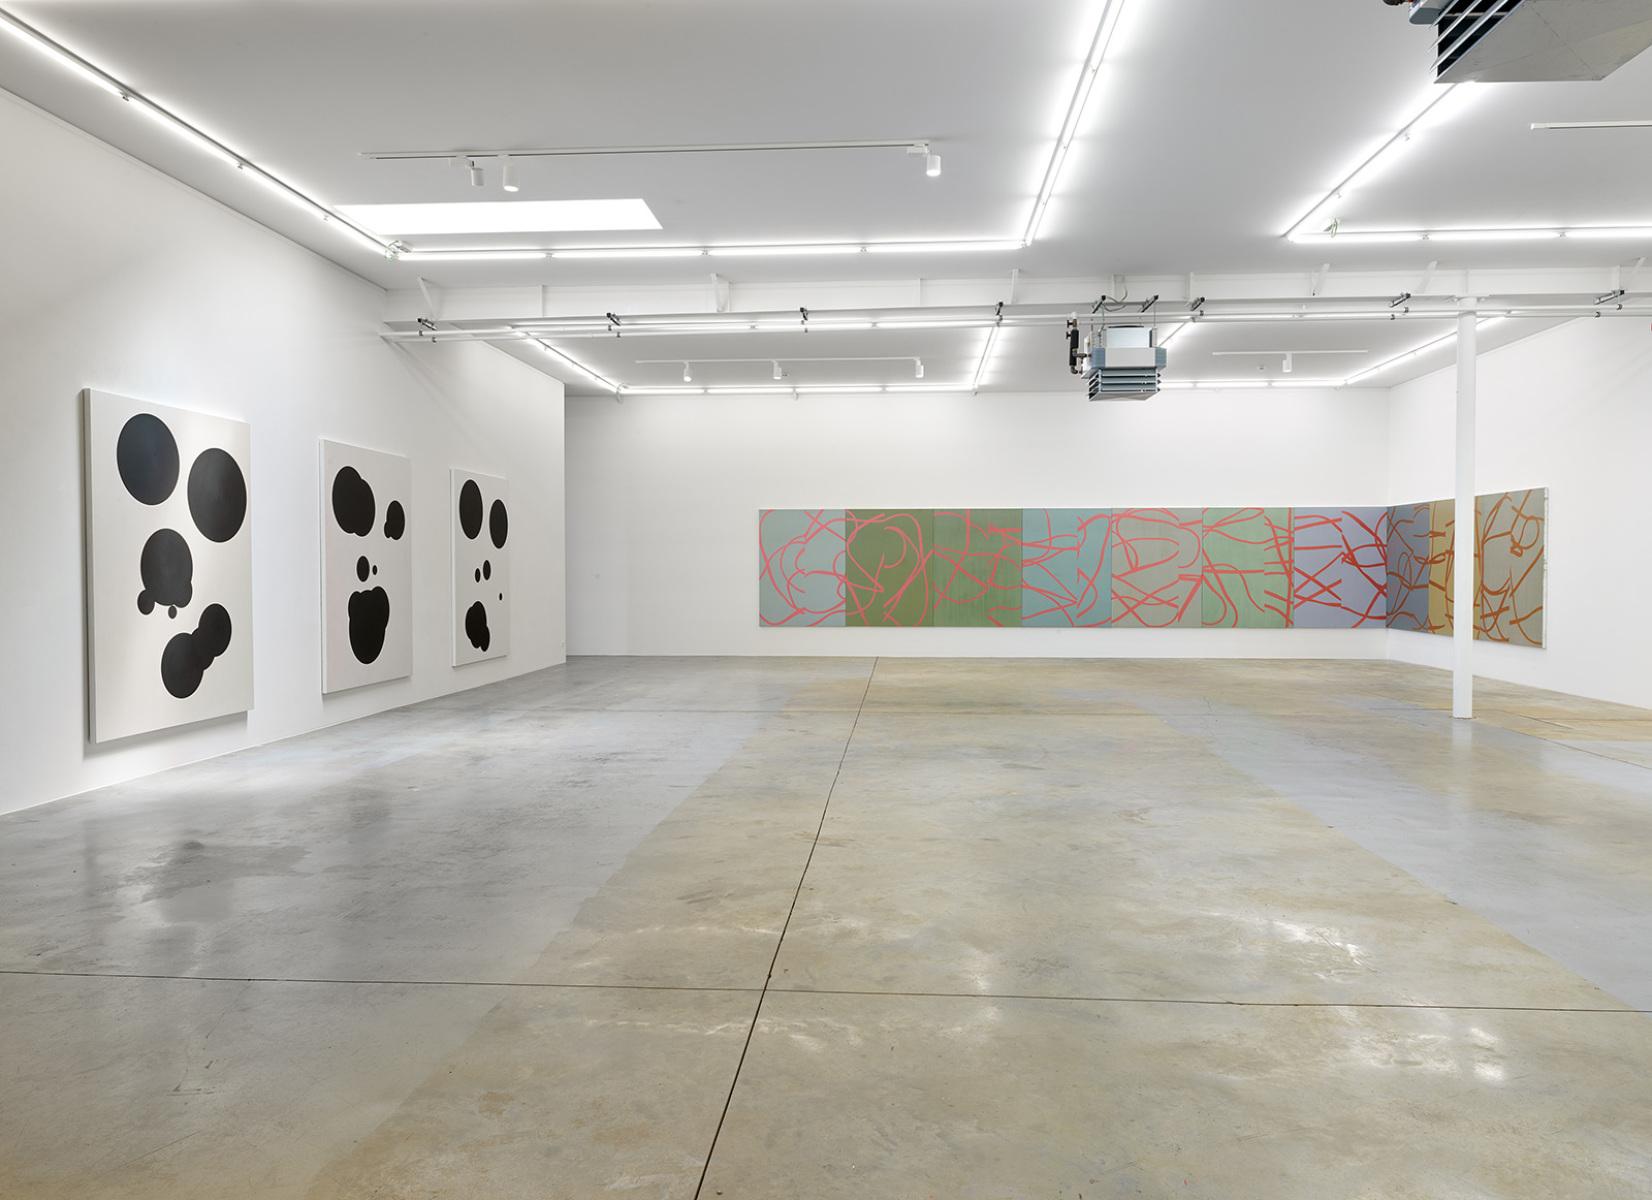 Exhibition view, Mitja Tušek, Freitzeit ist Arbeit, Wandhaff, juin 2021 #15